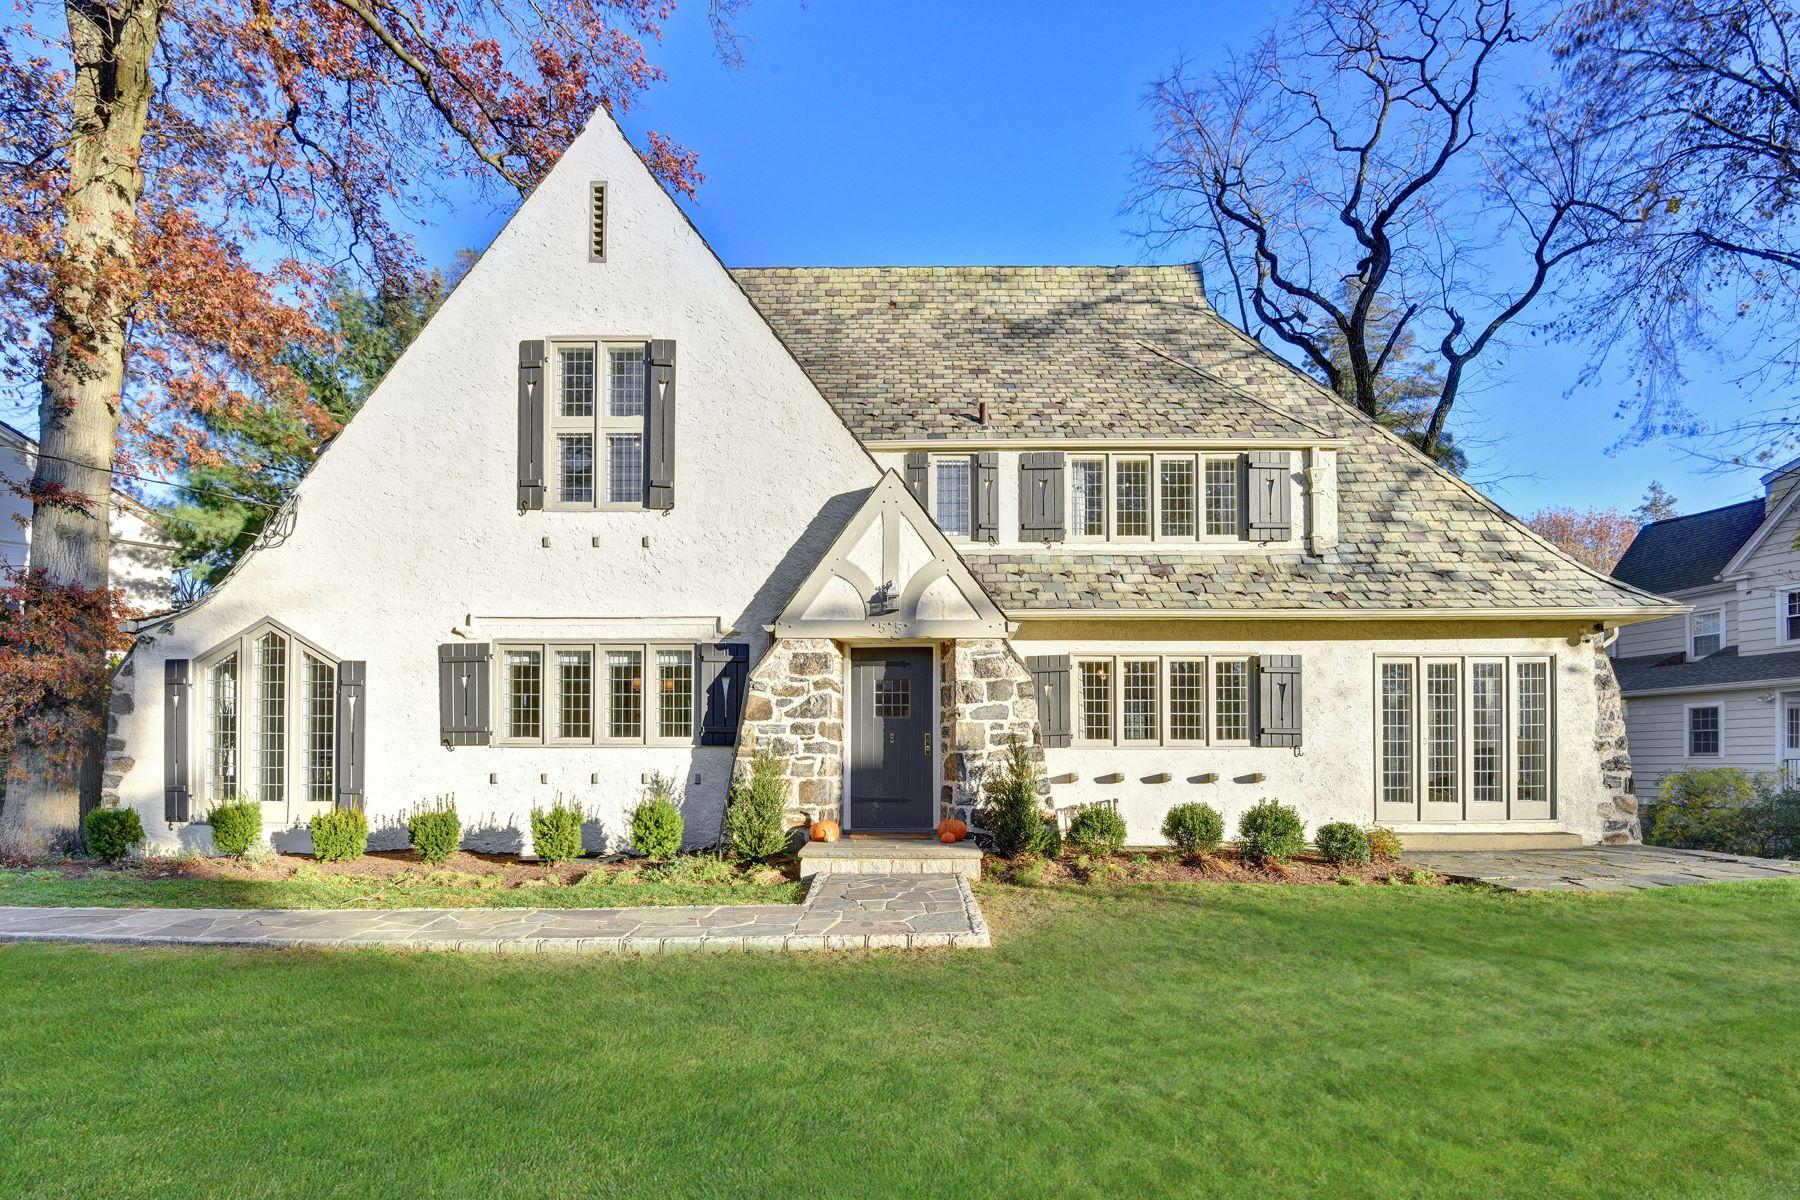 Частный односемейный дом для того Продажа на Modern Sundrenched Tudor 55 Lyncroft Road New Rochelle, Нью-Йорк 10804 Соединенные Штаты